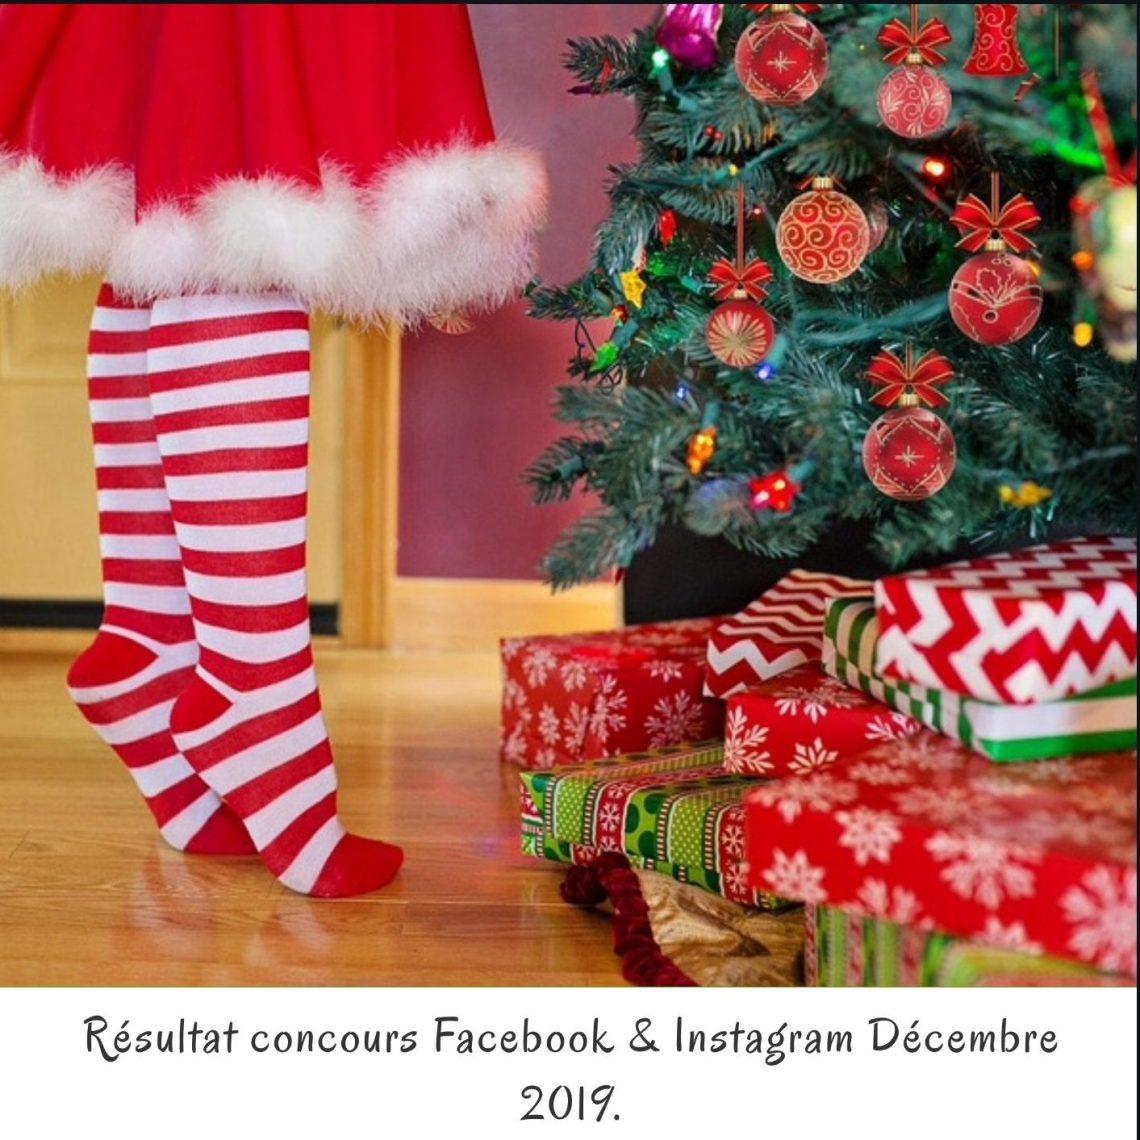 Résultat concours Facebook & Instagram Décembre 2019.